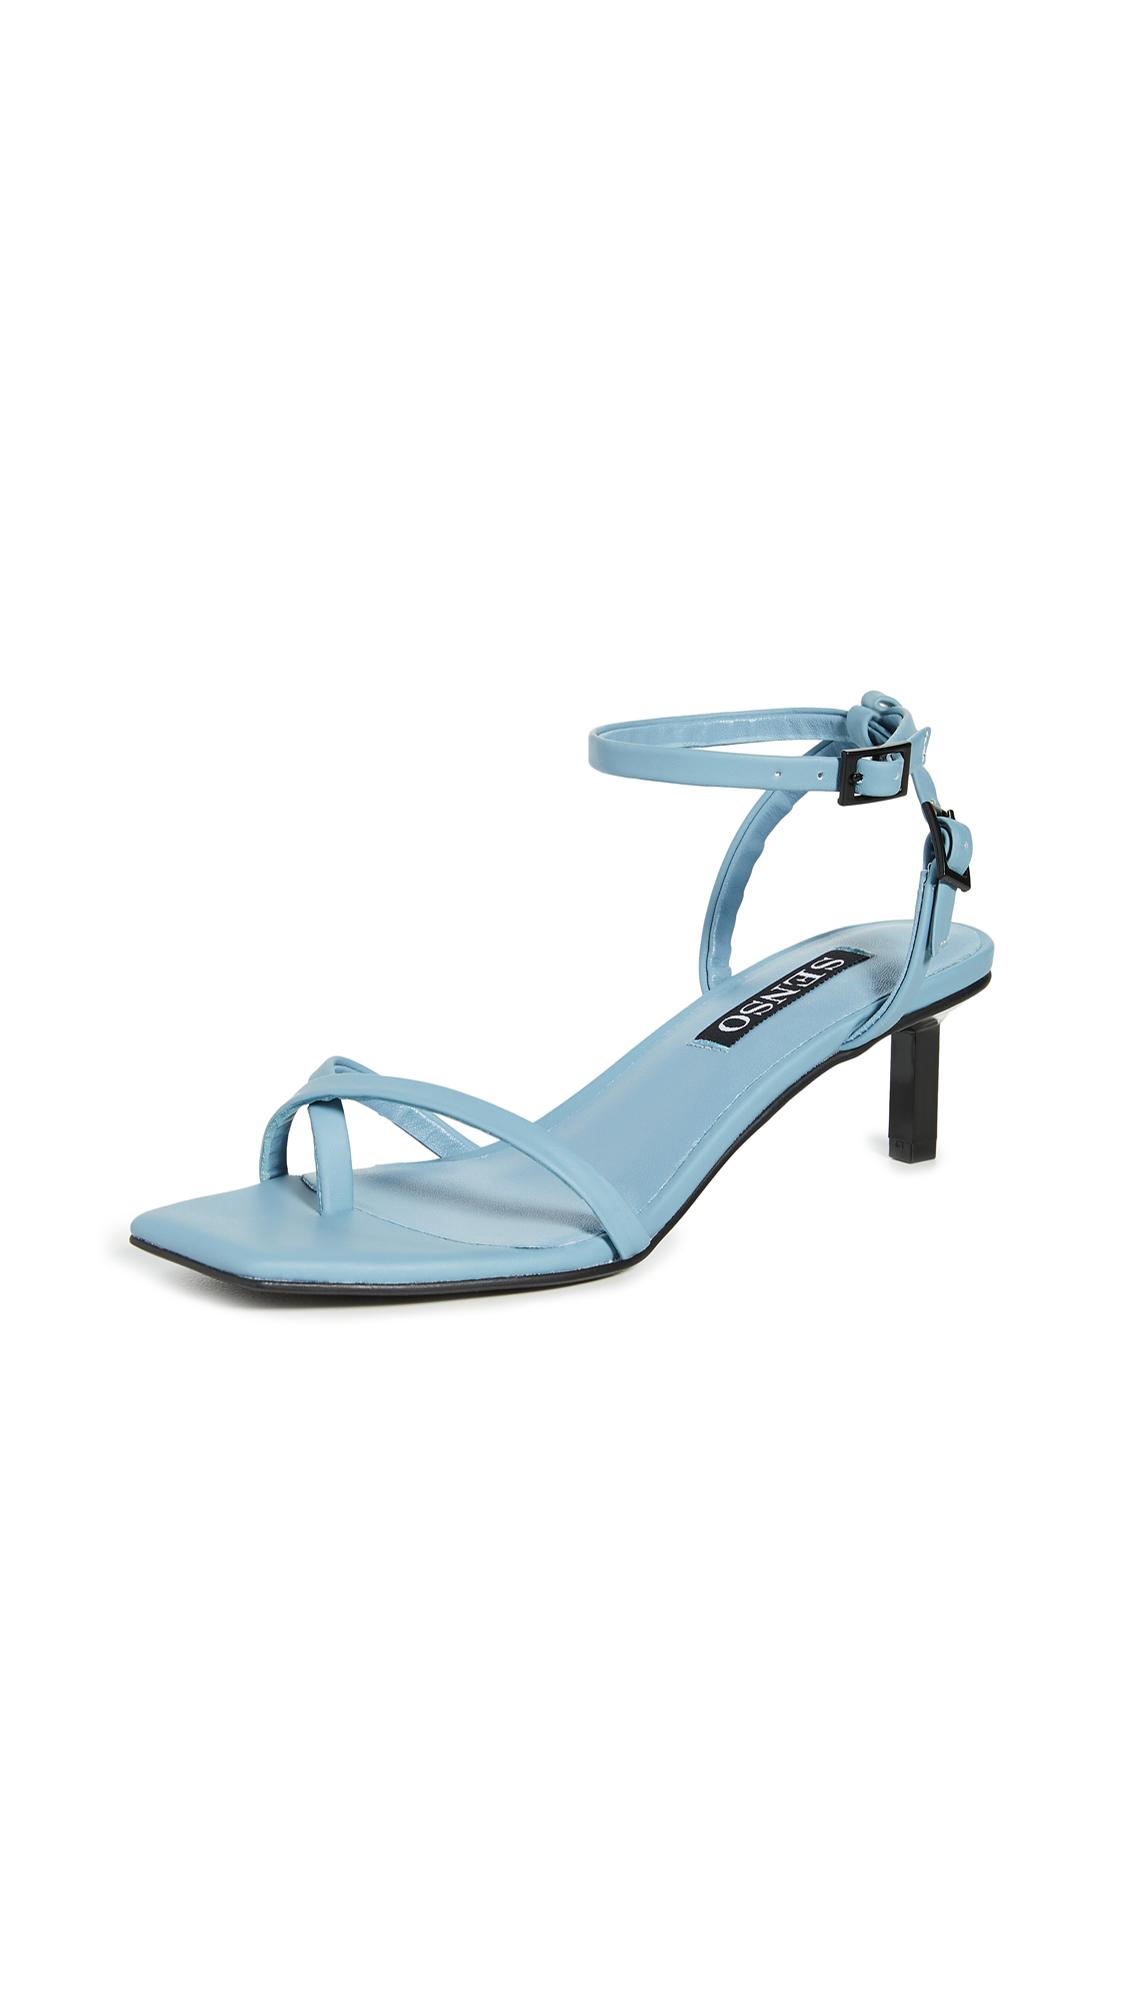 SENSO Jamu I Sandals